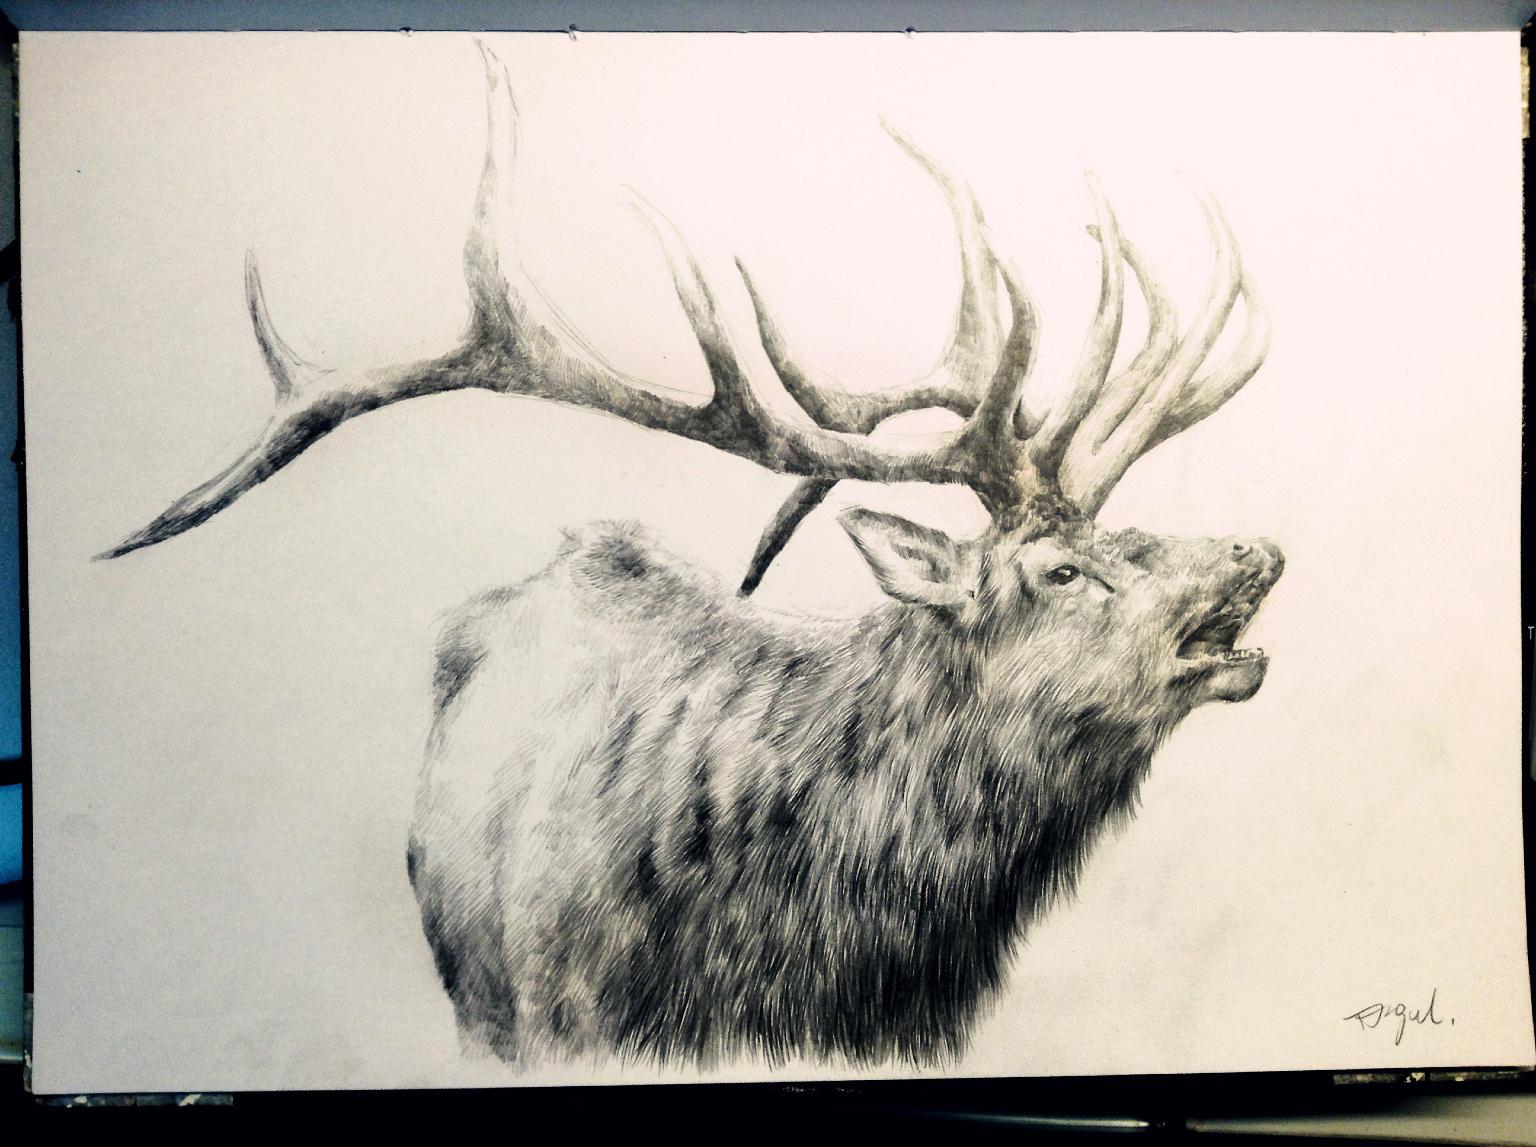 唯美麋鹿手绘铅笔图